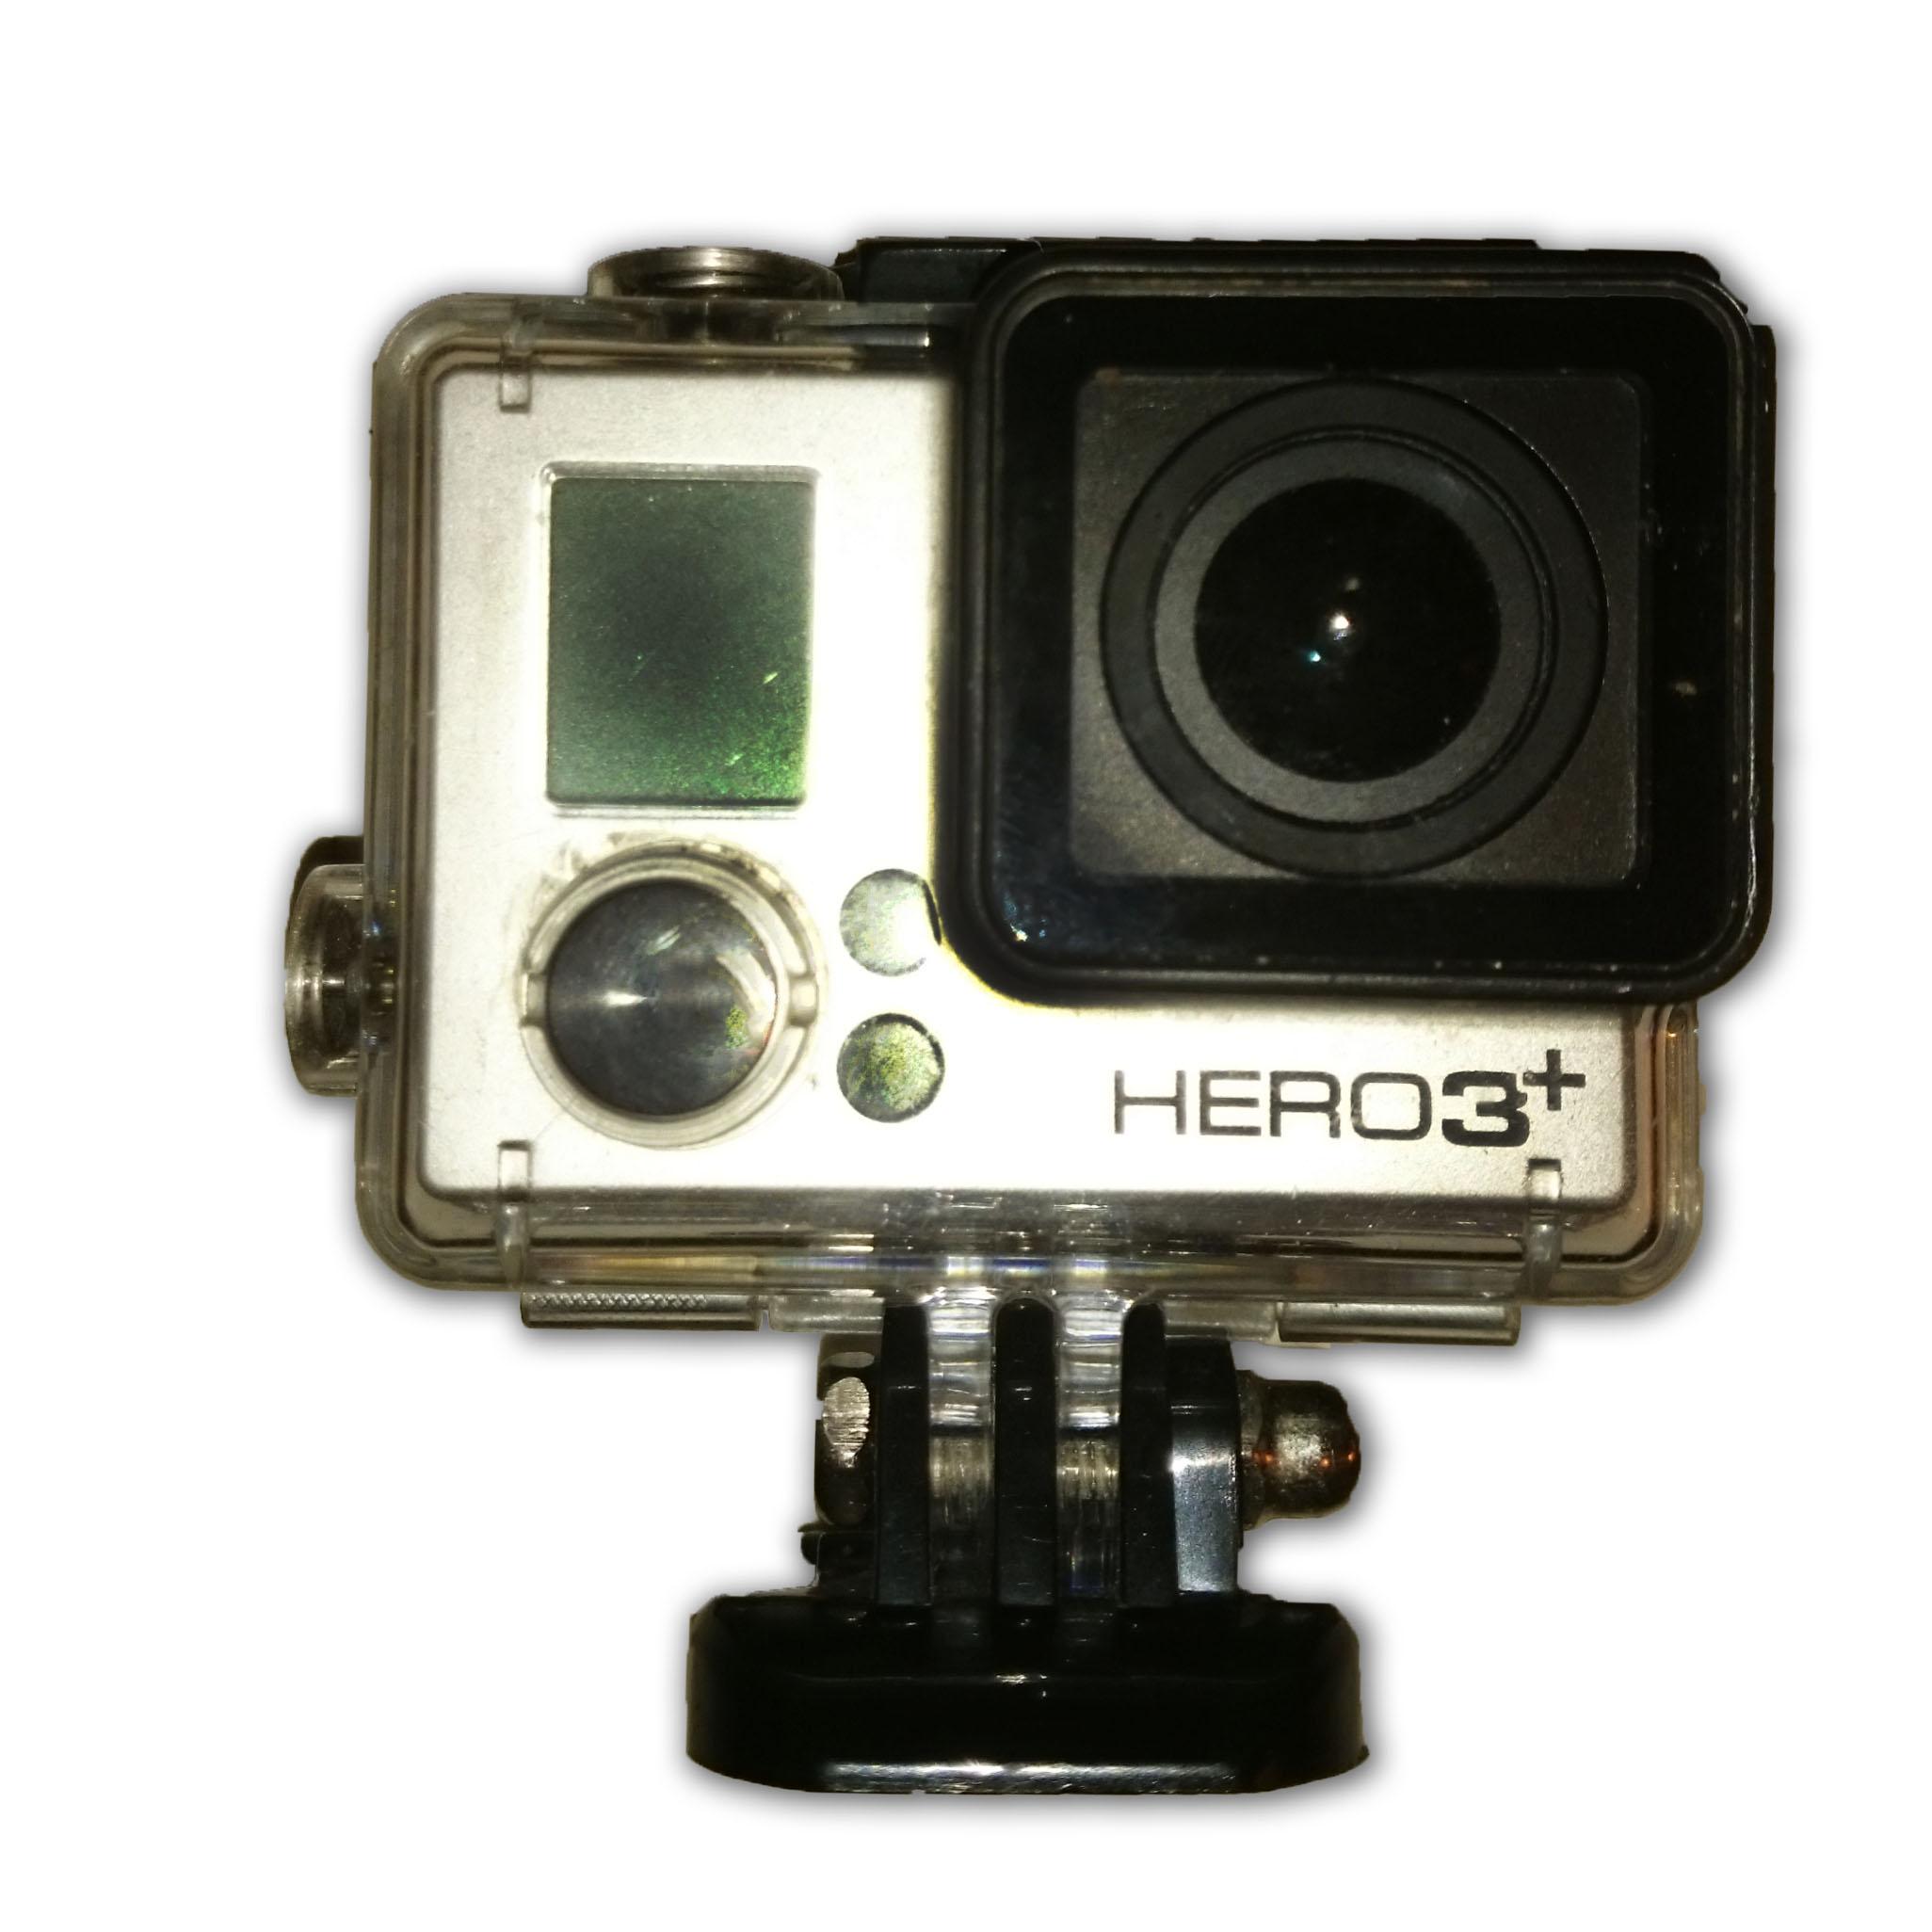 Go Pro Hero 3 +